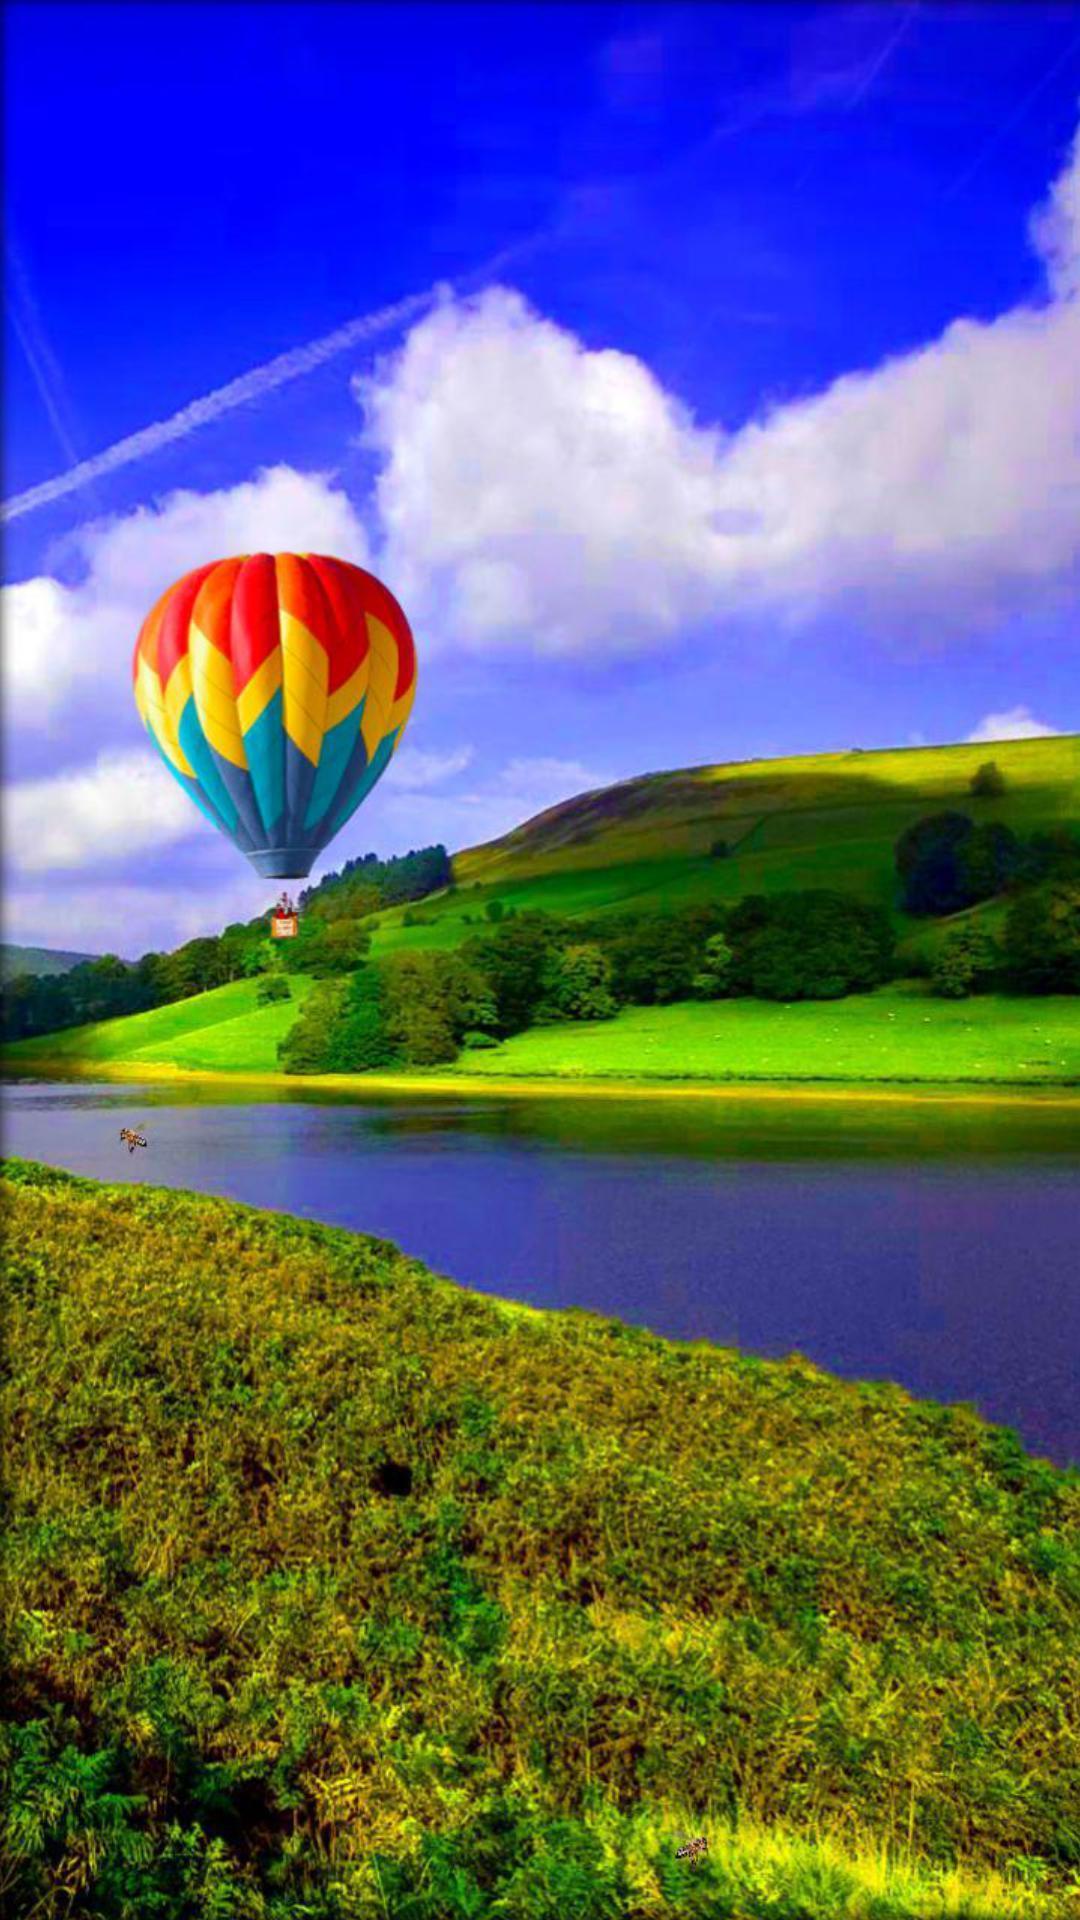 赞美大自然美丽景色的诗句1,《春思》【唐】李白燕草如碧丝,秦桑低绿